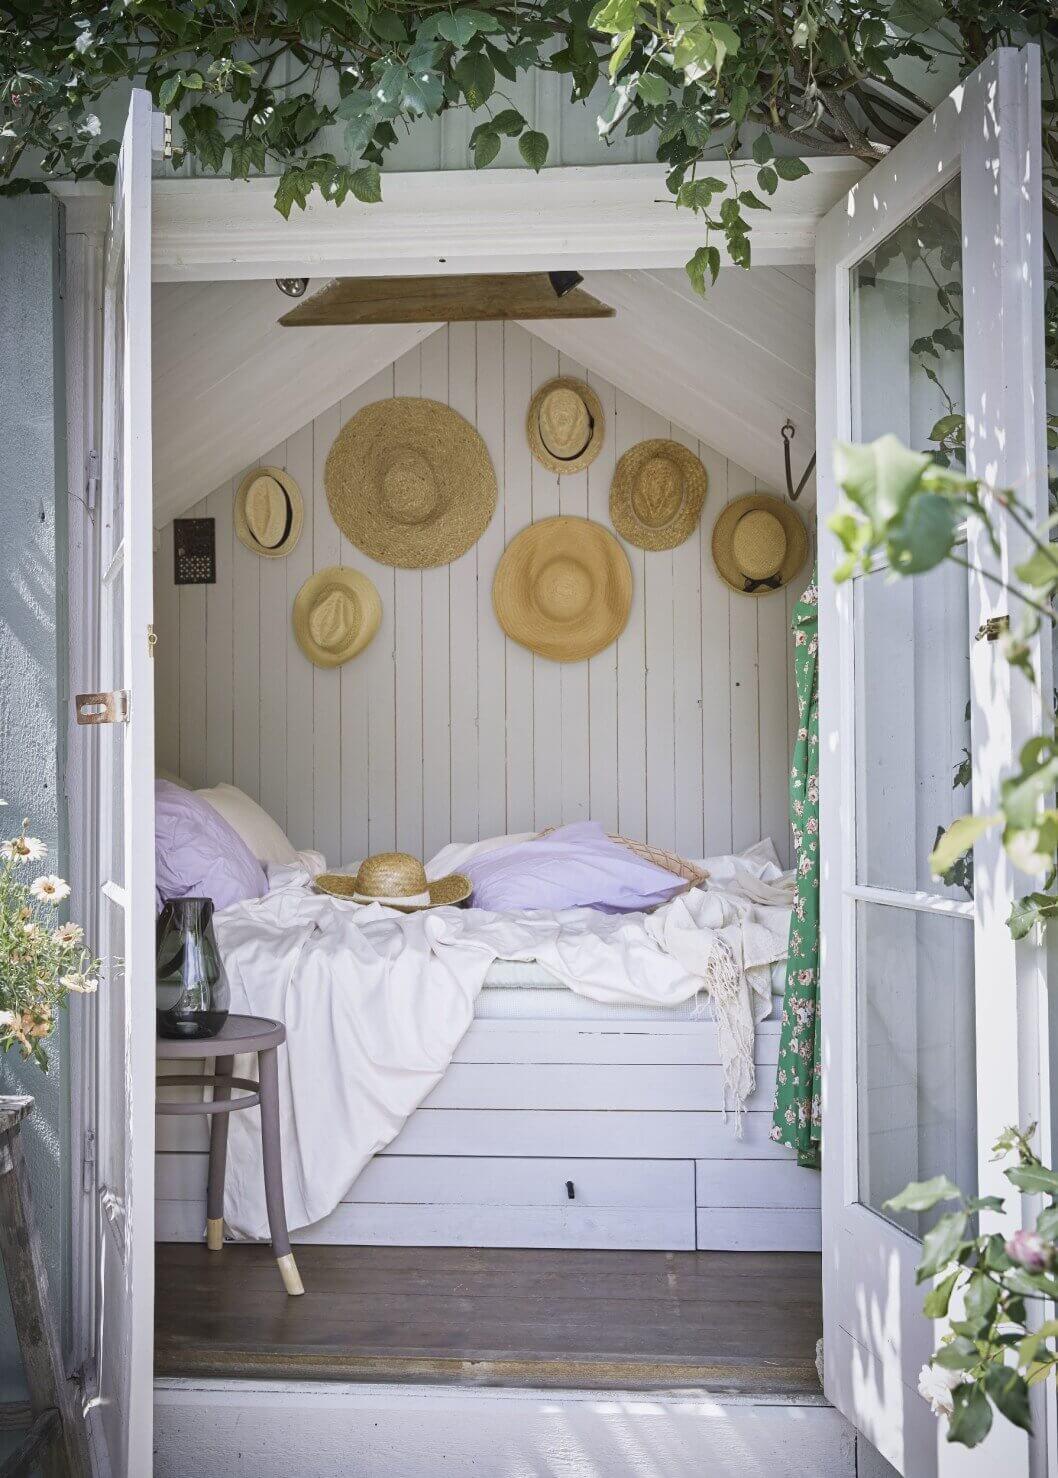 bedroom-cottage-farmhouse-sotrage-bed-hats-vintage-sweden-nordroom